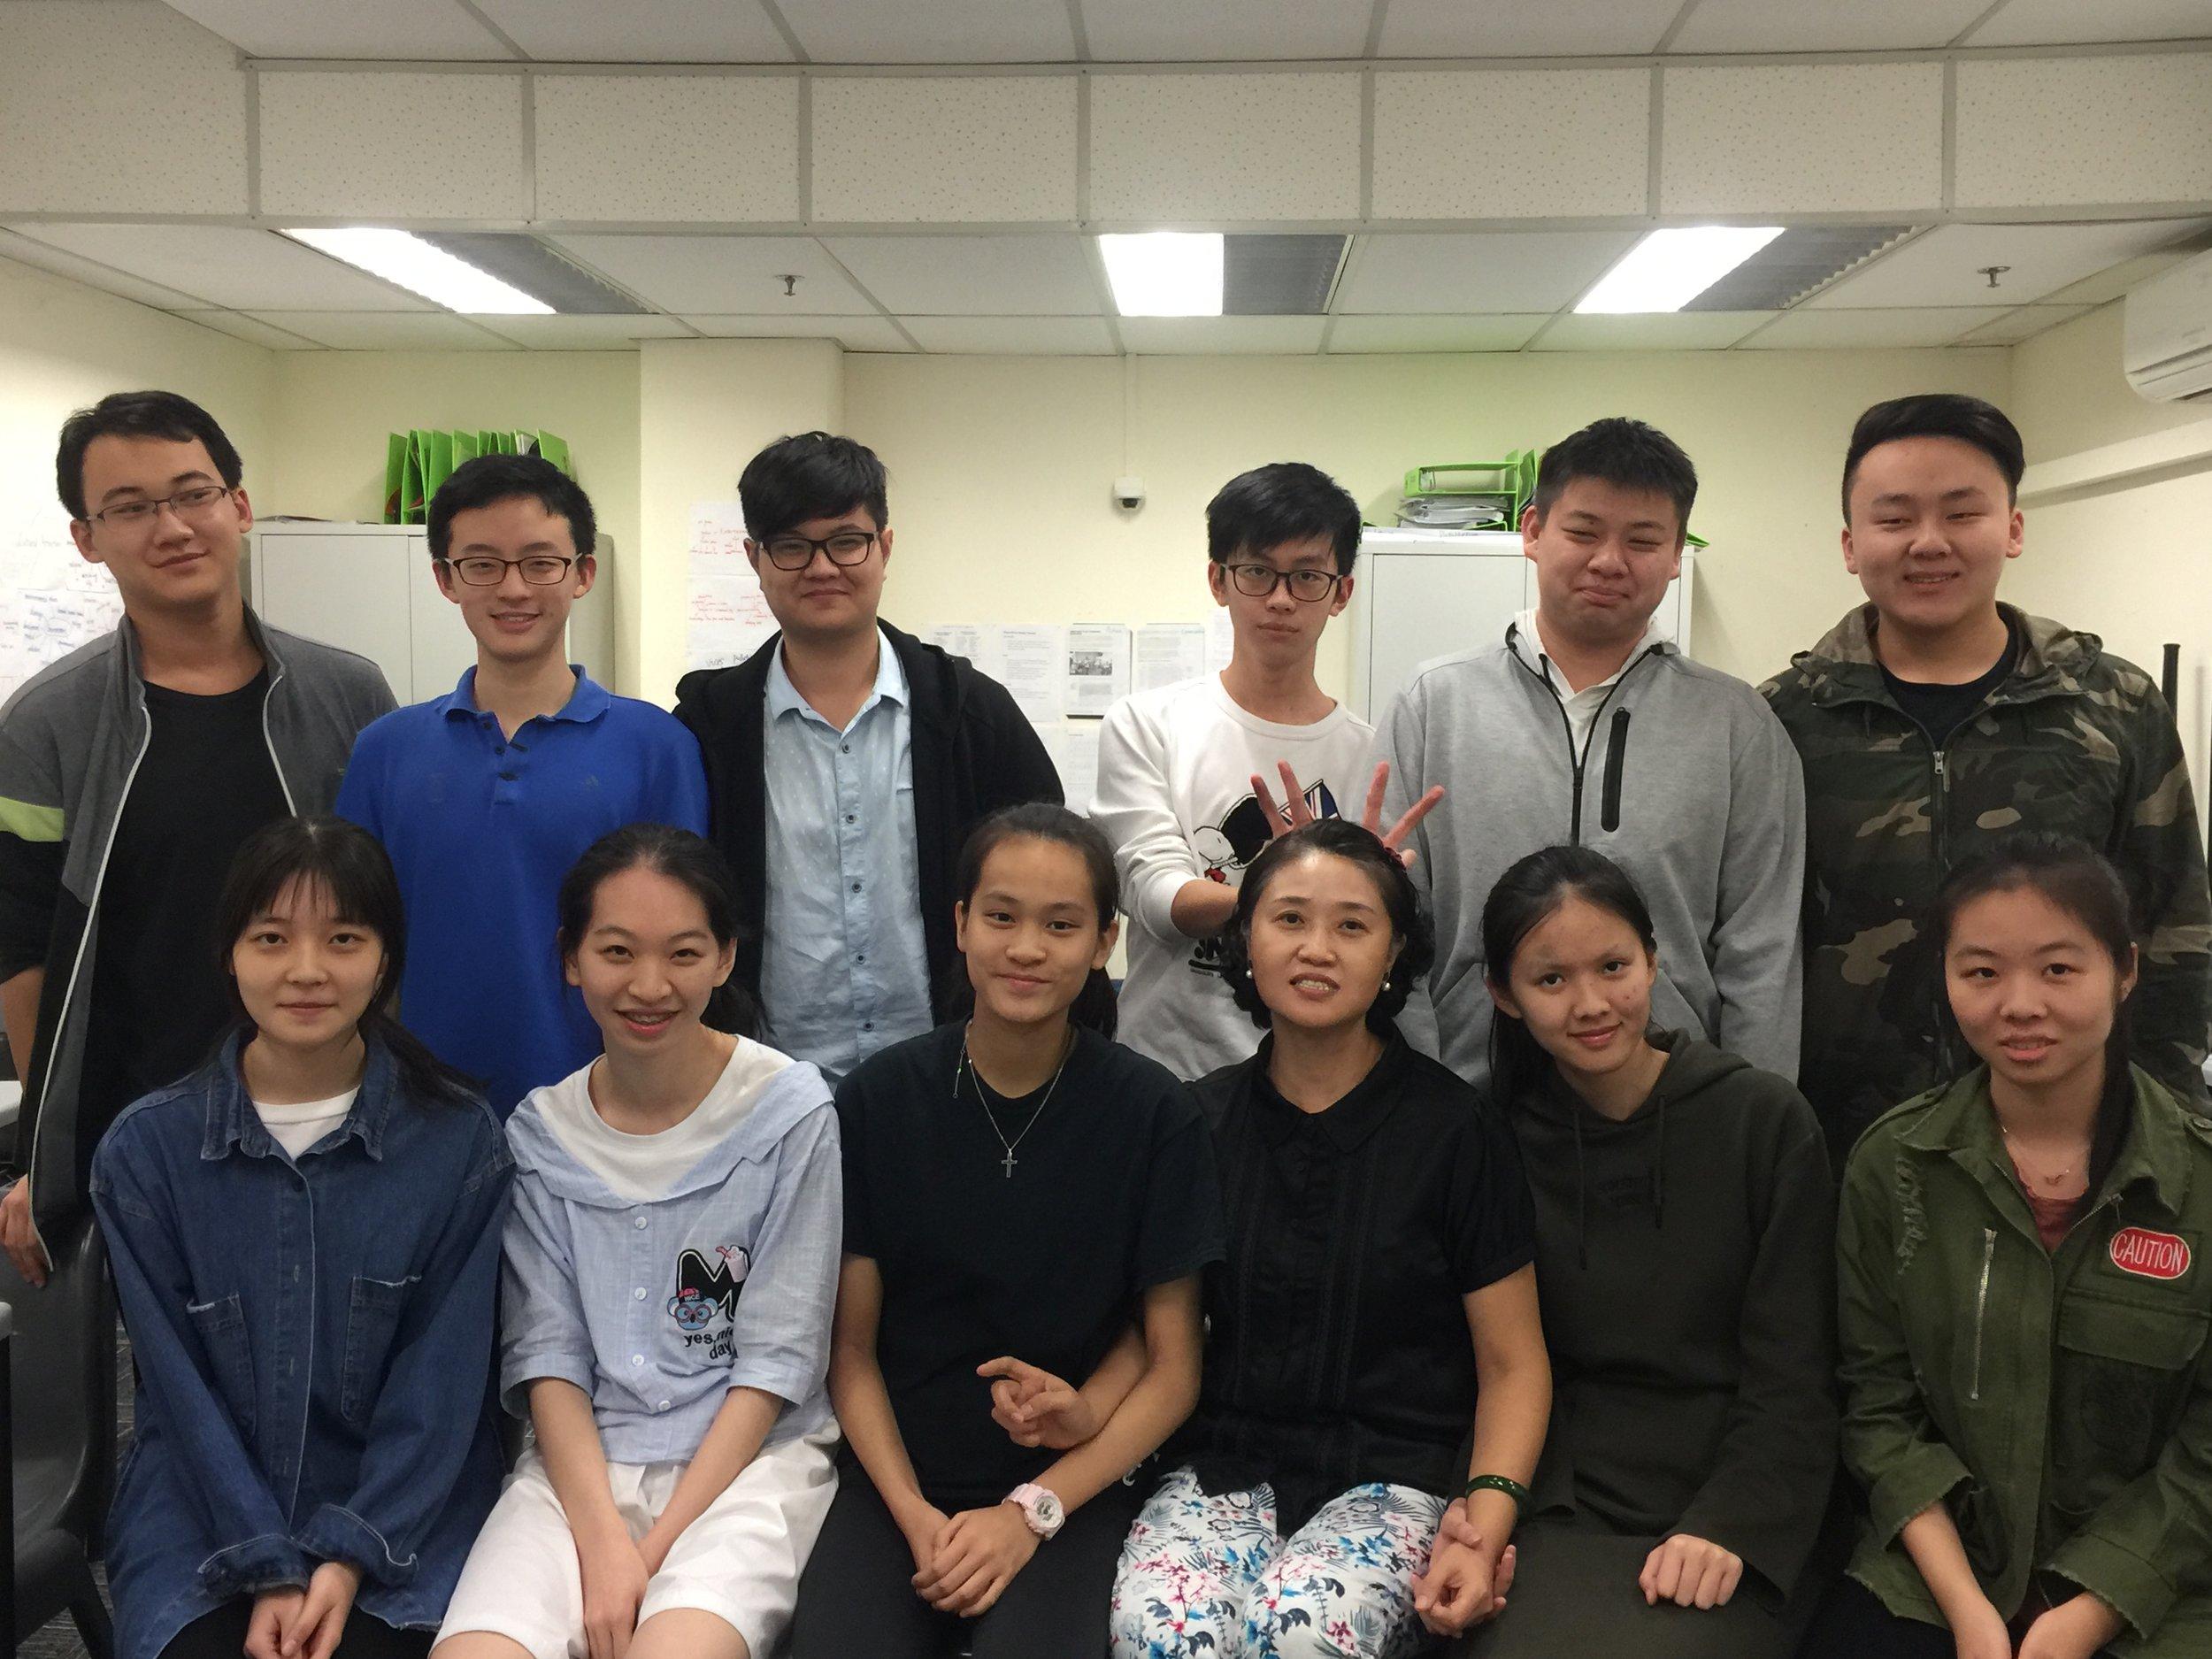 O Level Class_13 Oct 2017 (2).JPG